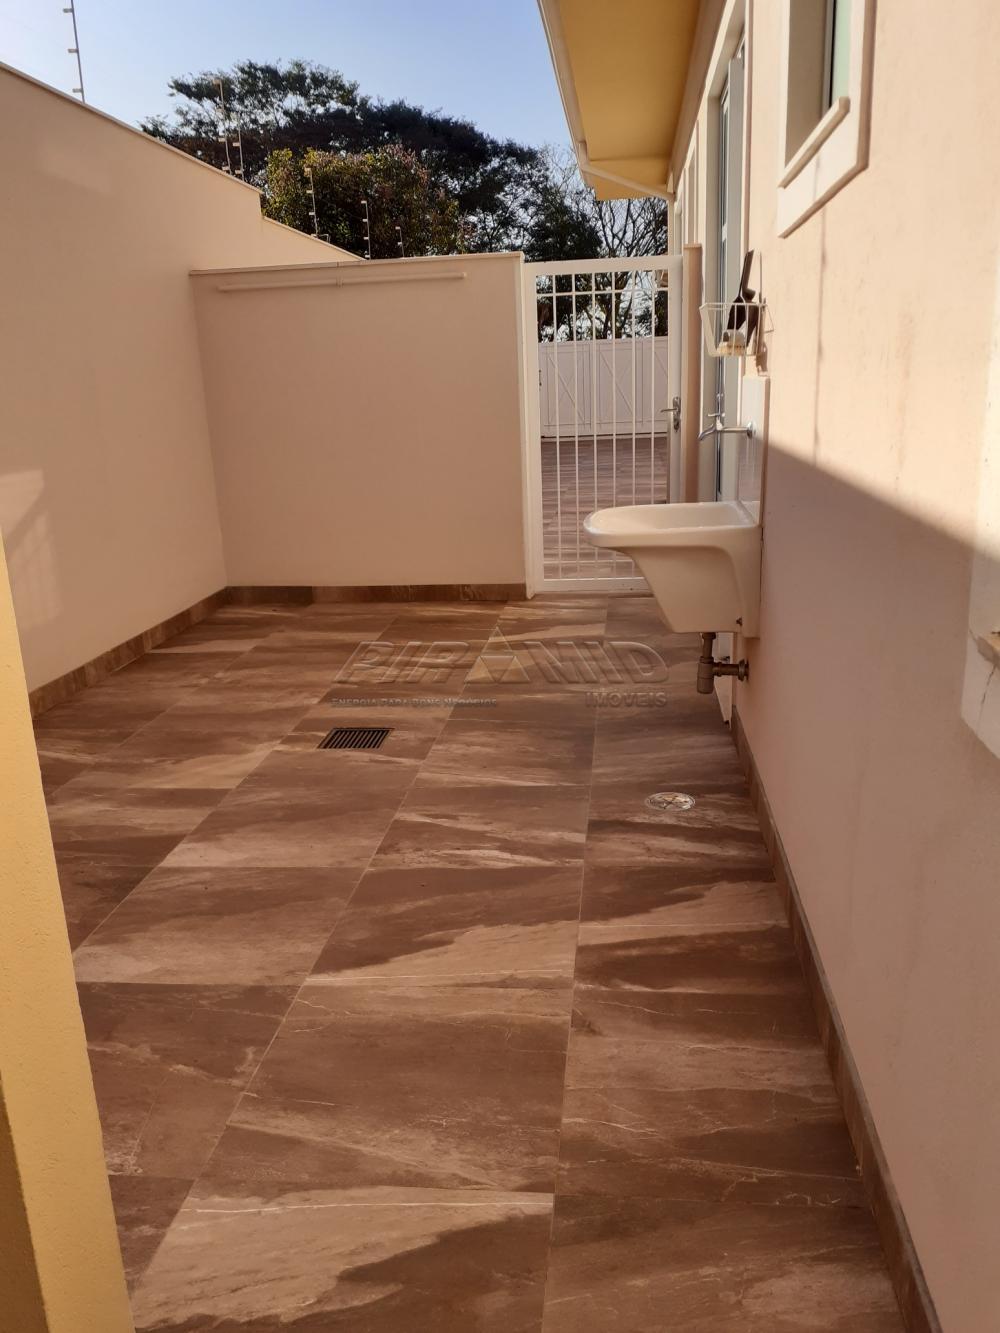 Comprar Casa / Condomínio em Ribeirão Preto apenas R$ 4.800.000,00 - Foto 19